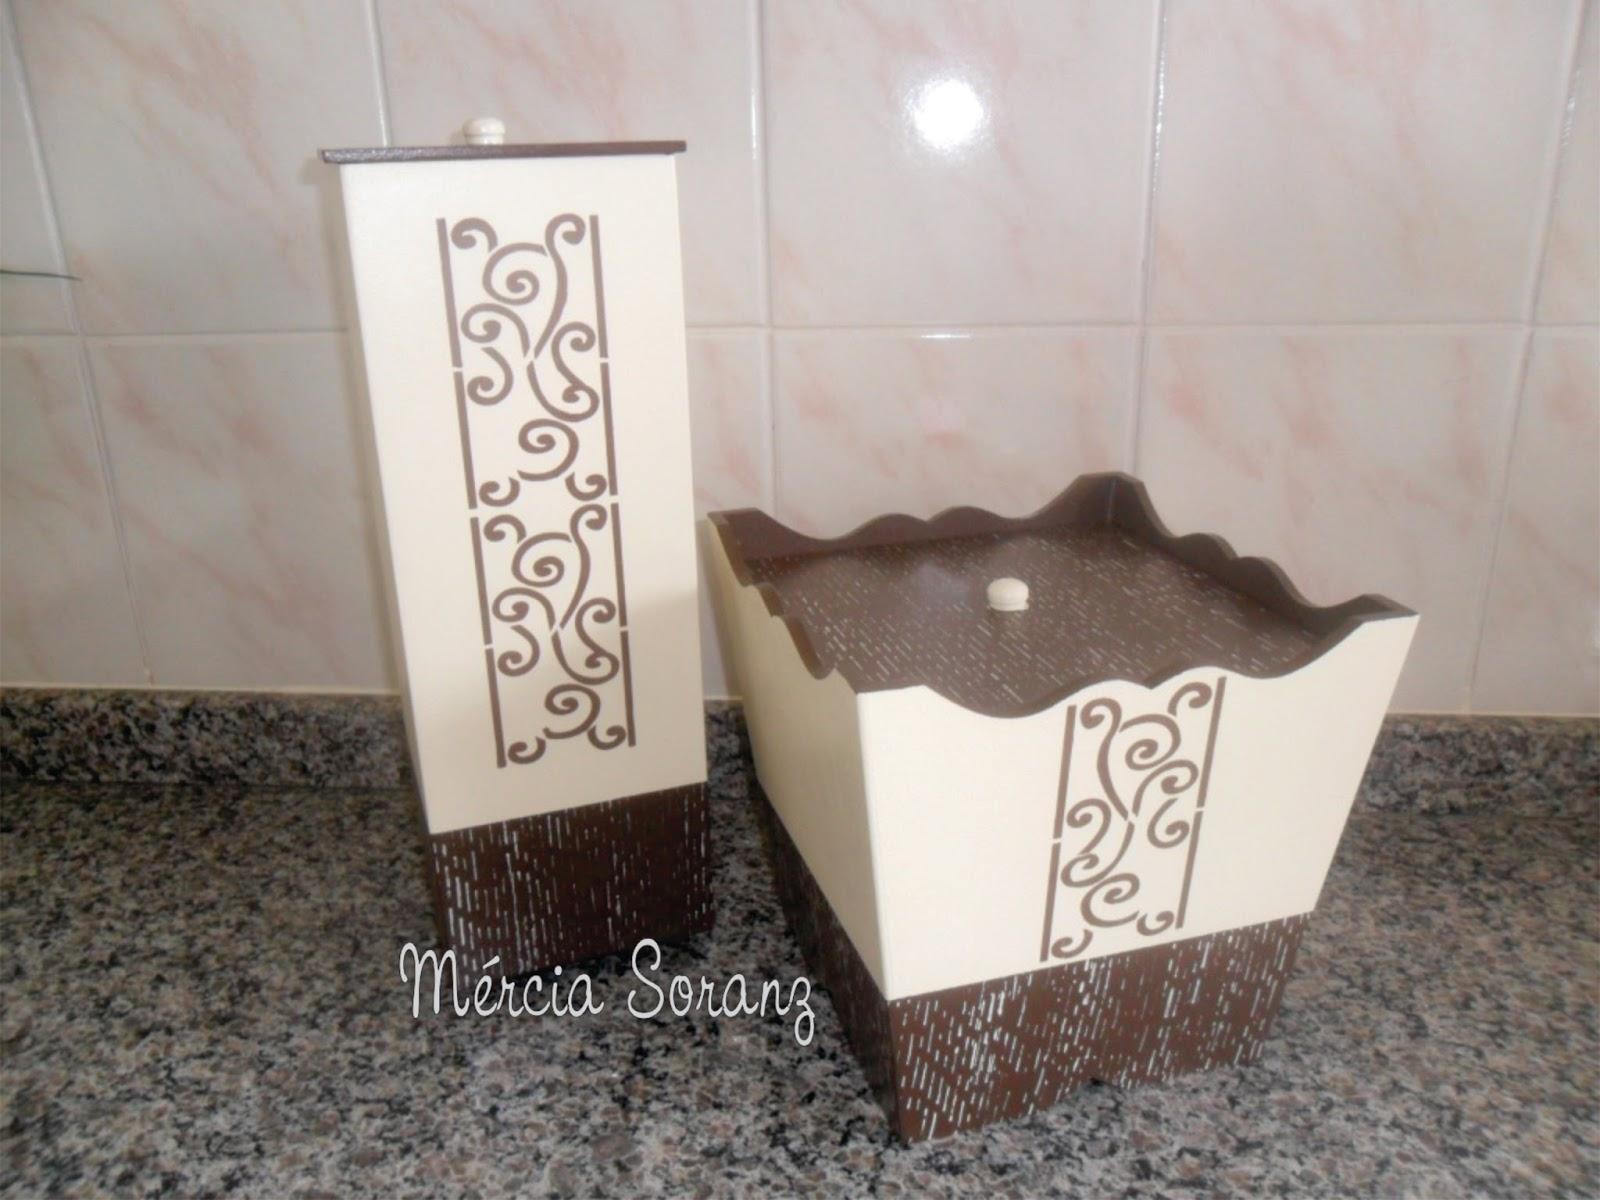 #5D4C44 Soranz Artes: Kit para banheiro marrom e palha 1600x1200 px Banheiro Entupido Com Papel Higienico 3197